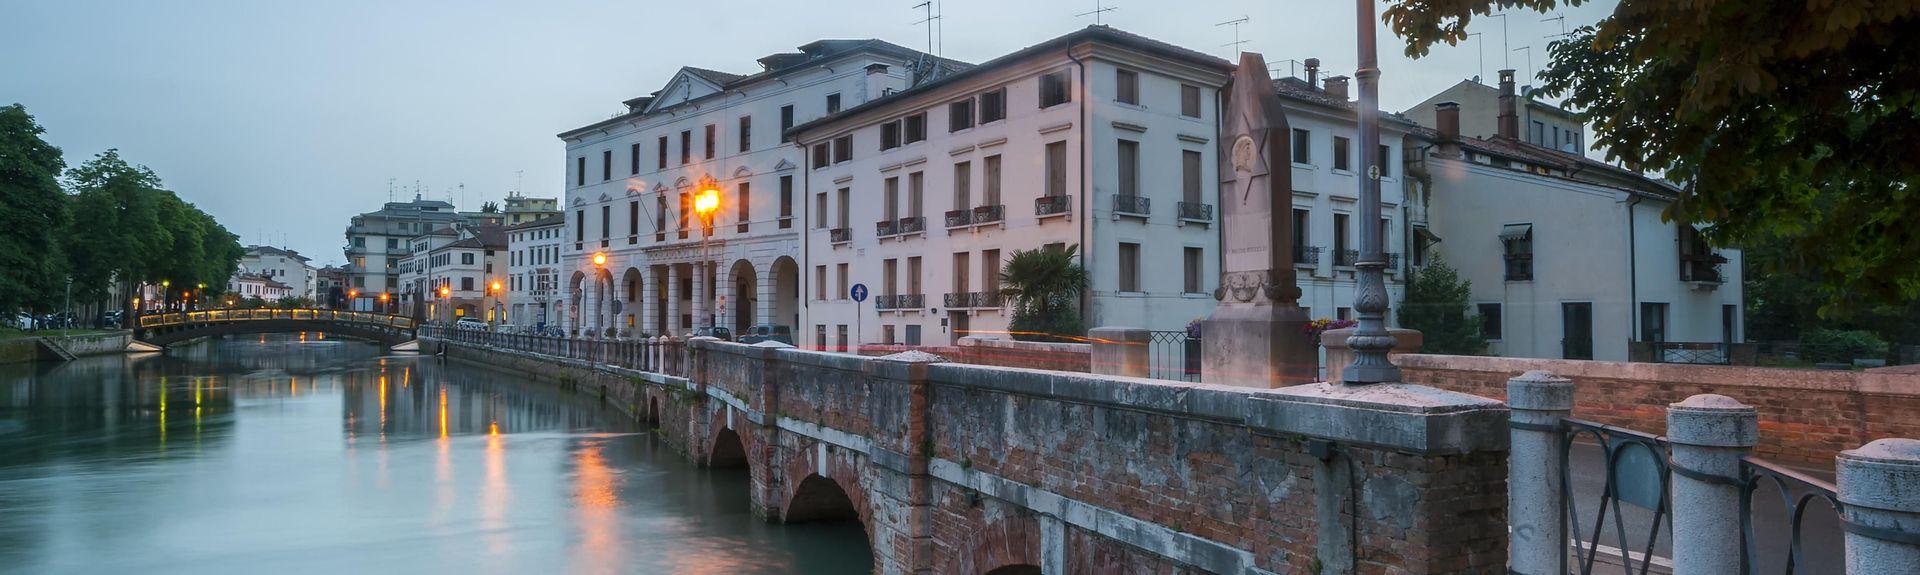 Treviso, Vêneto, Itália